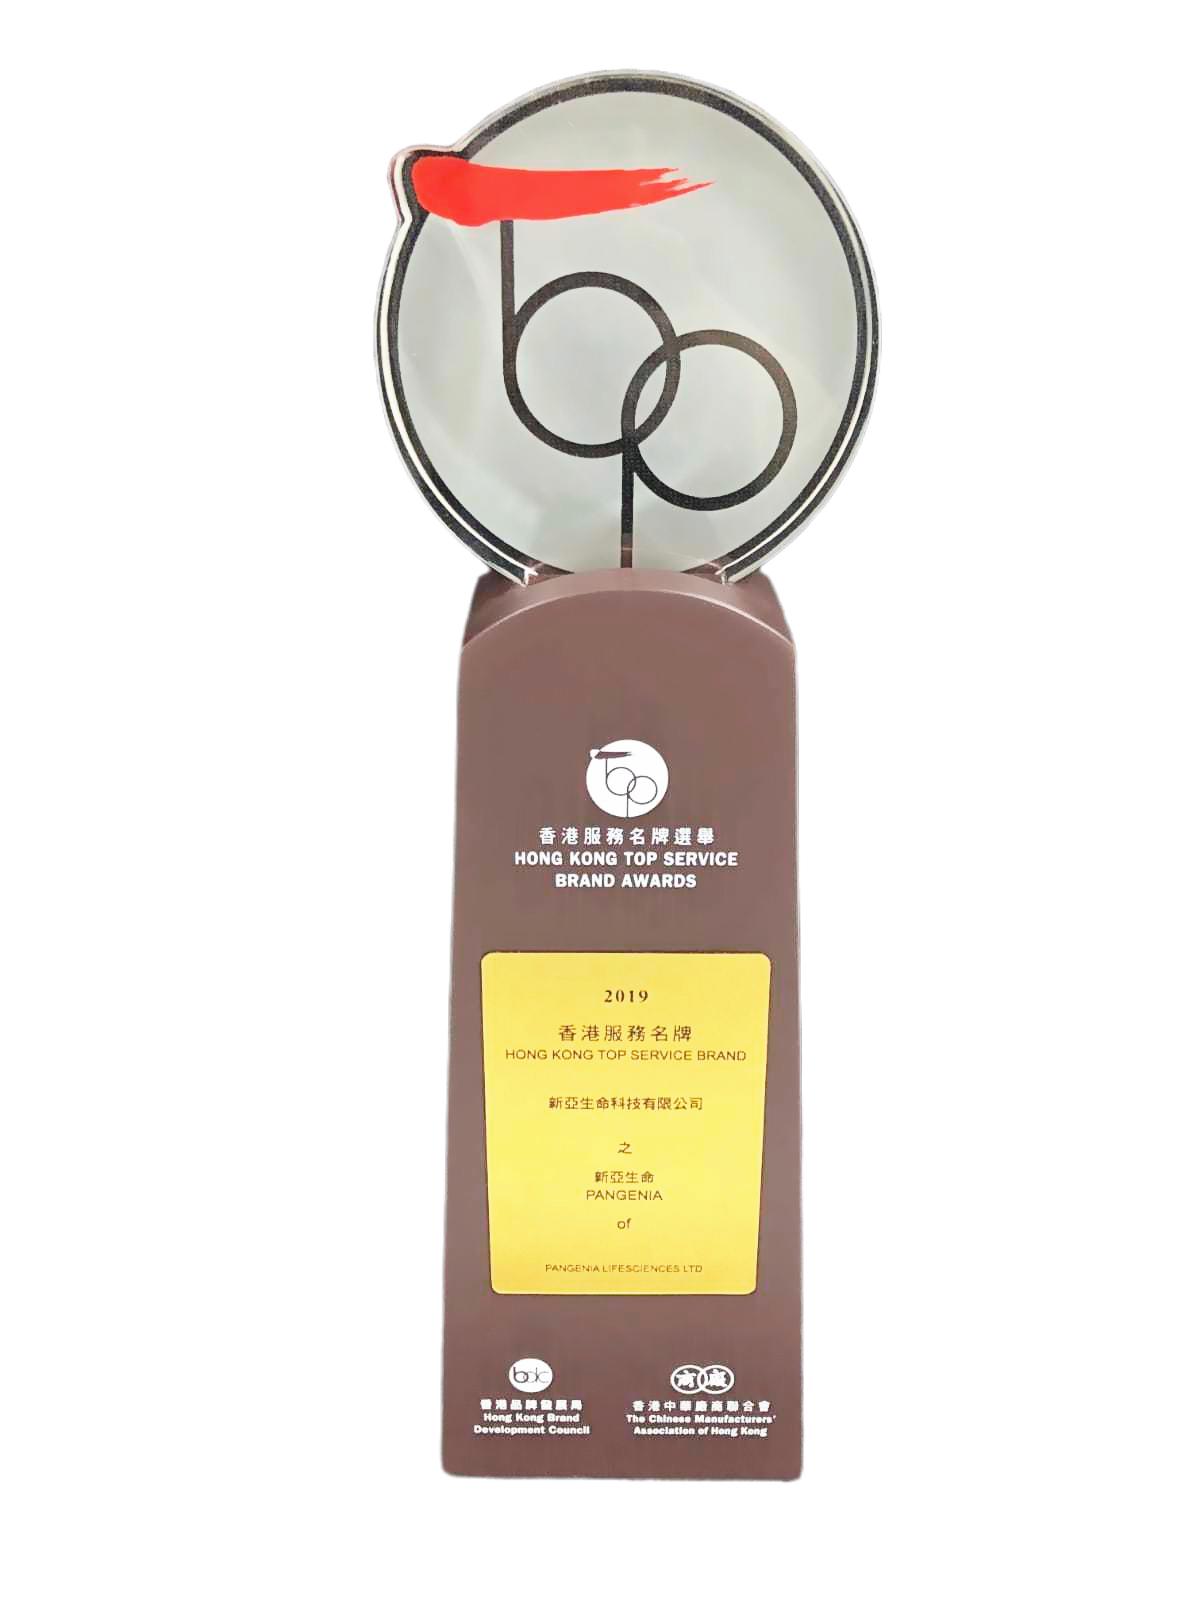 【新亚生命】PANGENIA榮獲2019年香港服務名牌殊榮